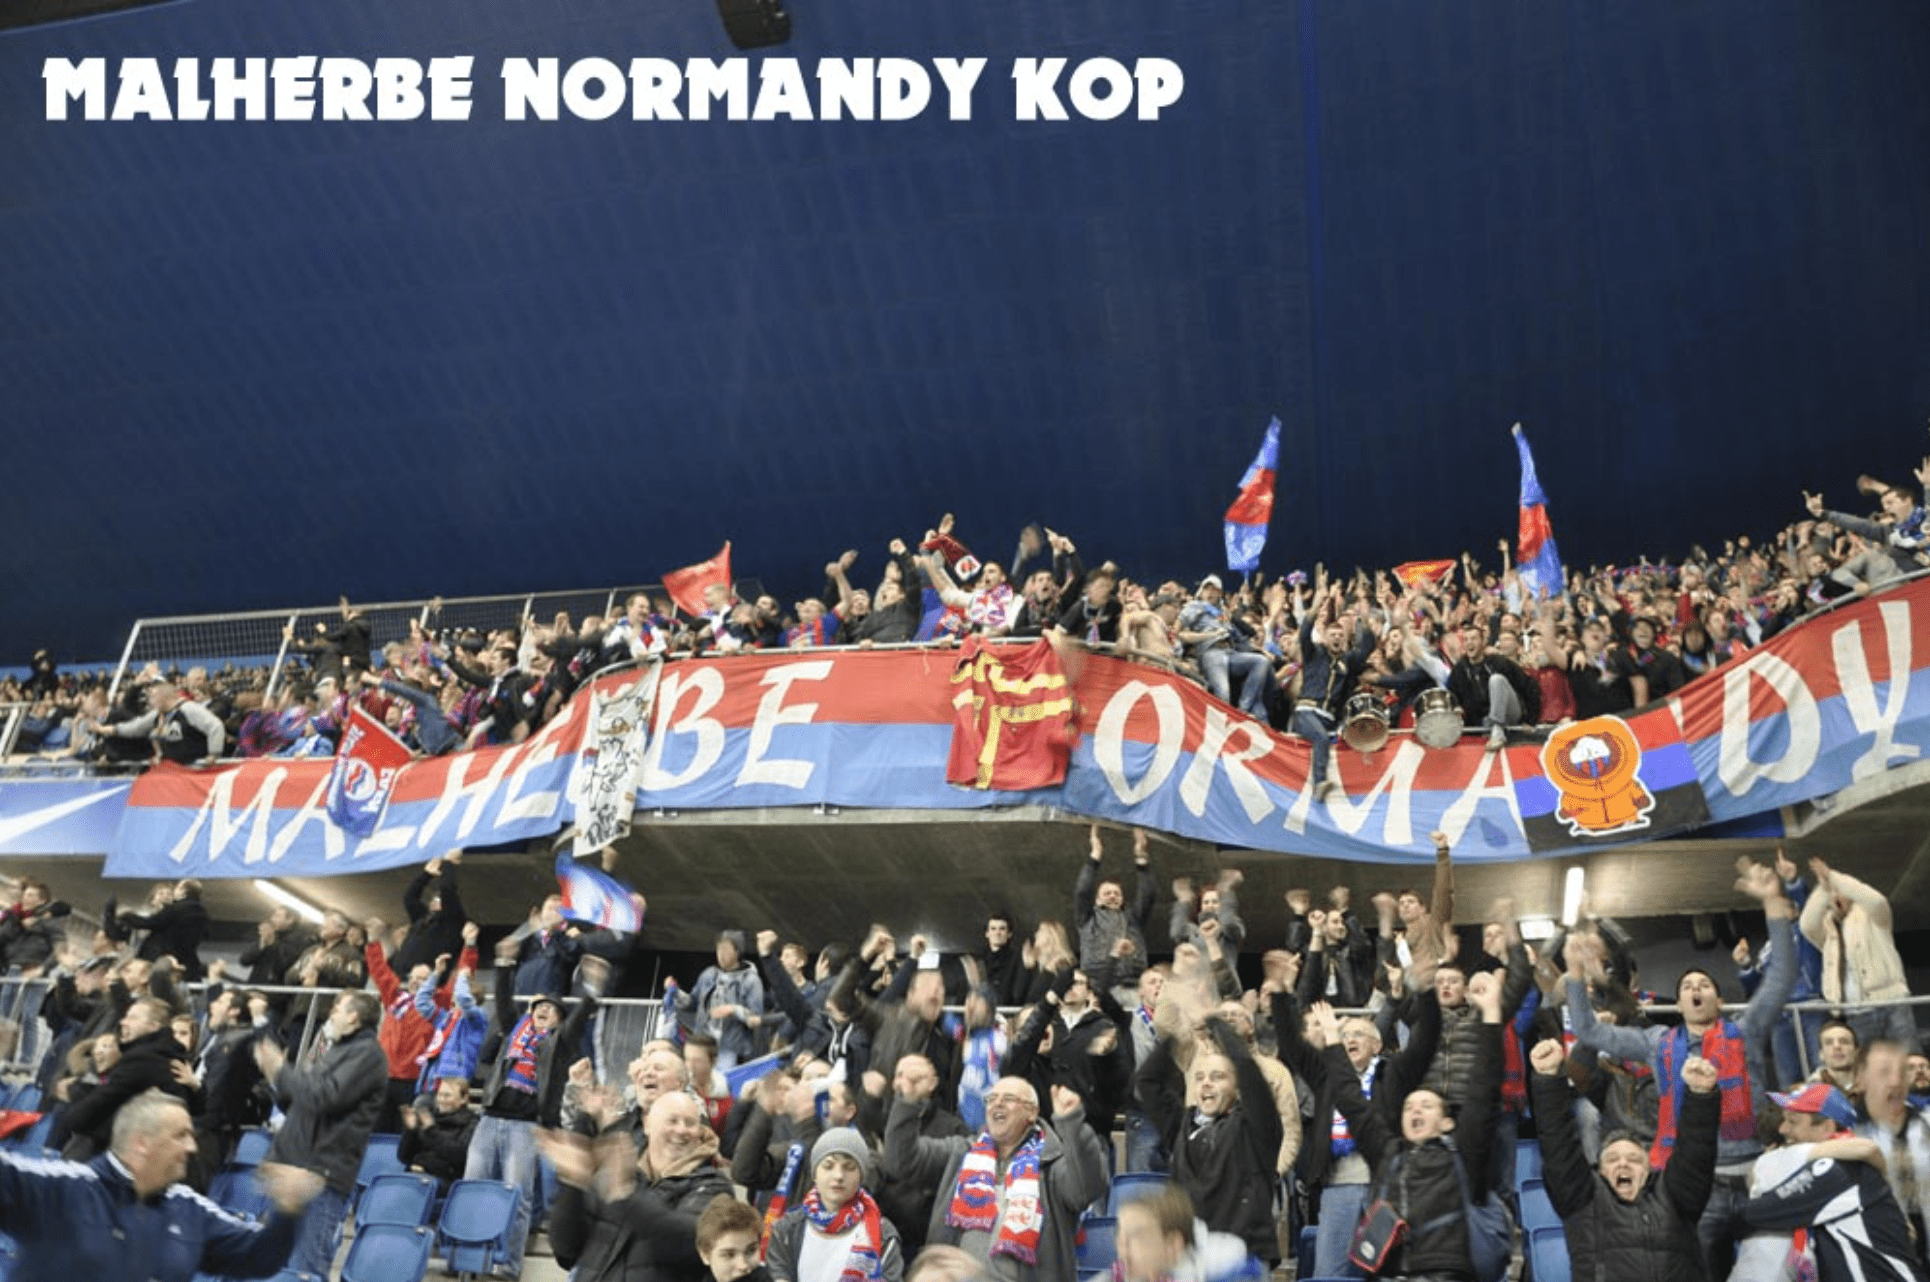 [RÉTRO] Les déplacements des supporters caennais au Havre en photos